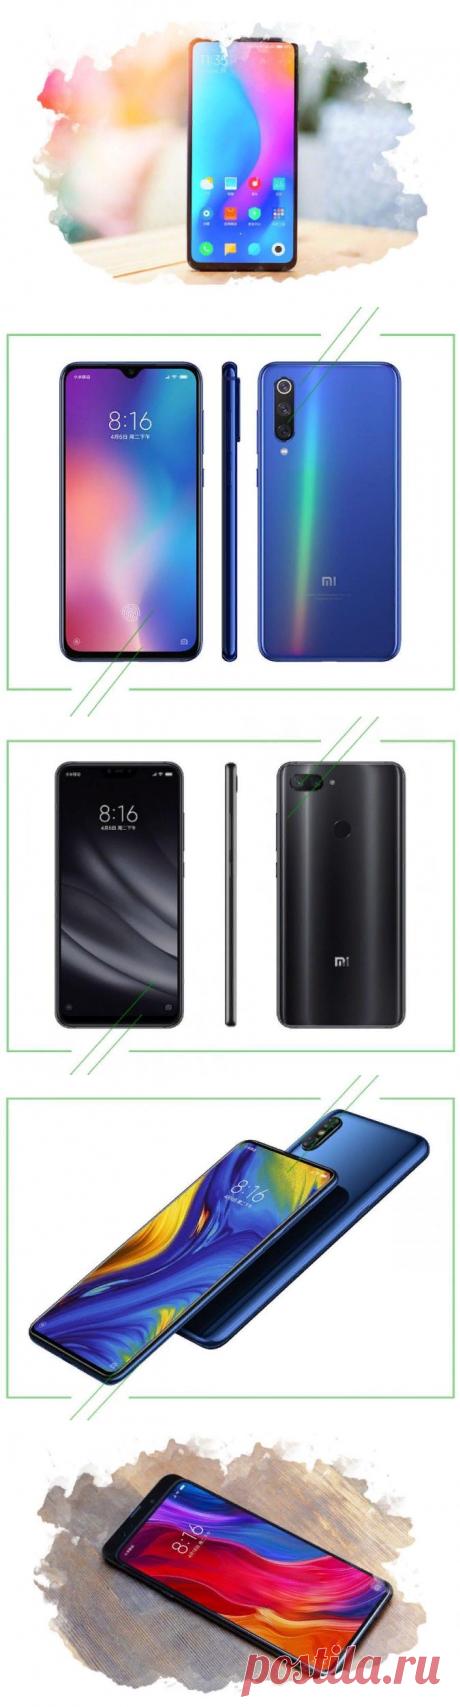 ТОП-7 лучших смартфонов Xiaomi 2019